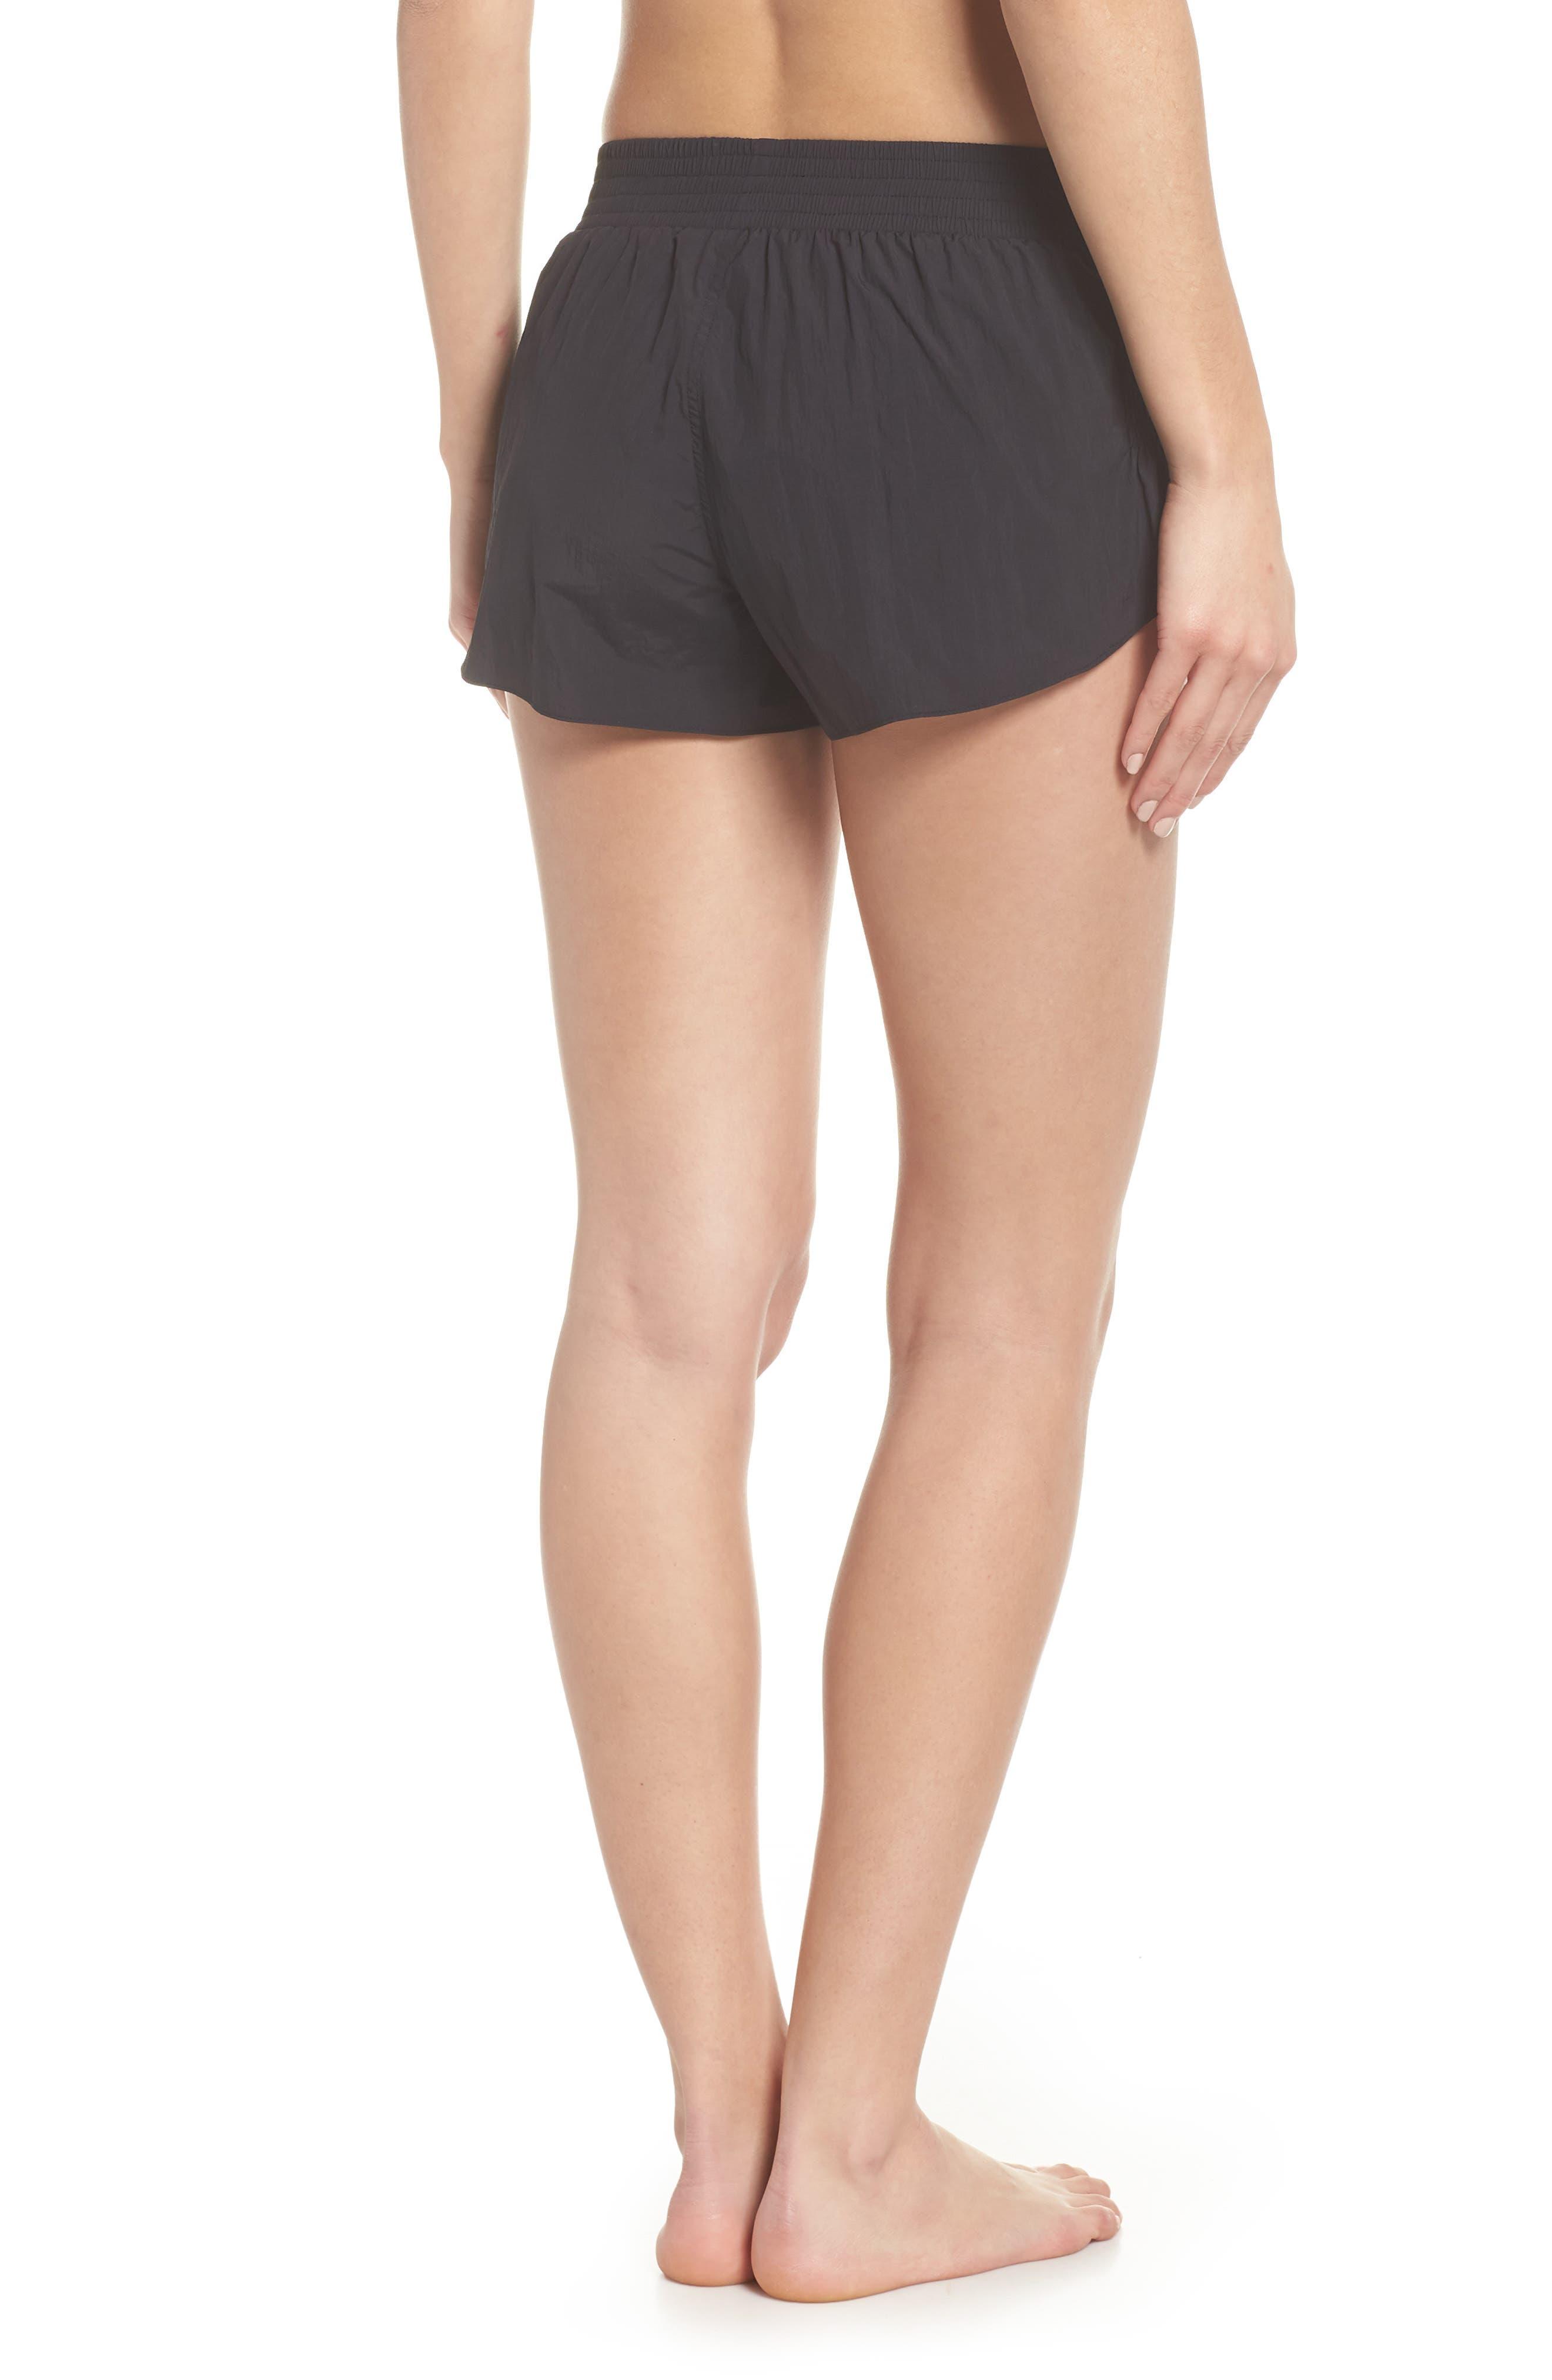 Fuji Shorts,                             Alternate thumbnail 2, color,                             001